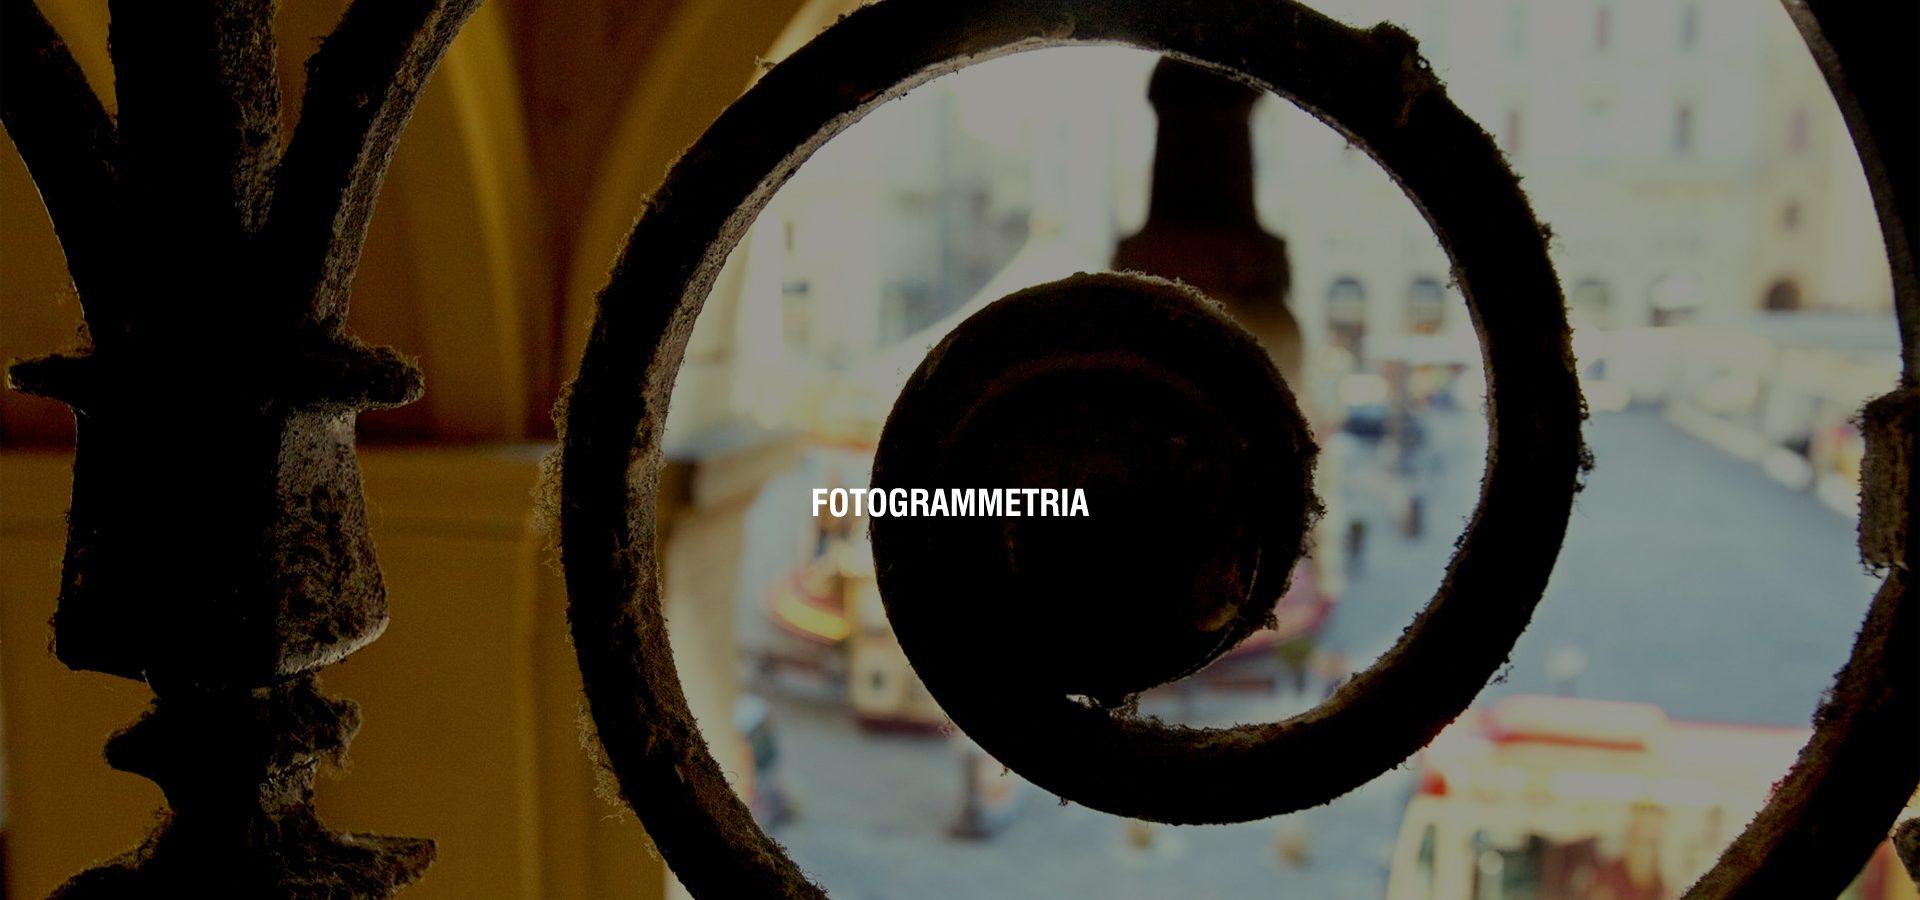 FOTOGRAMMETRIA 1